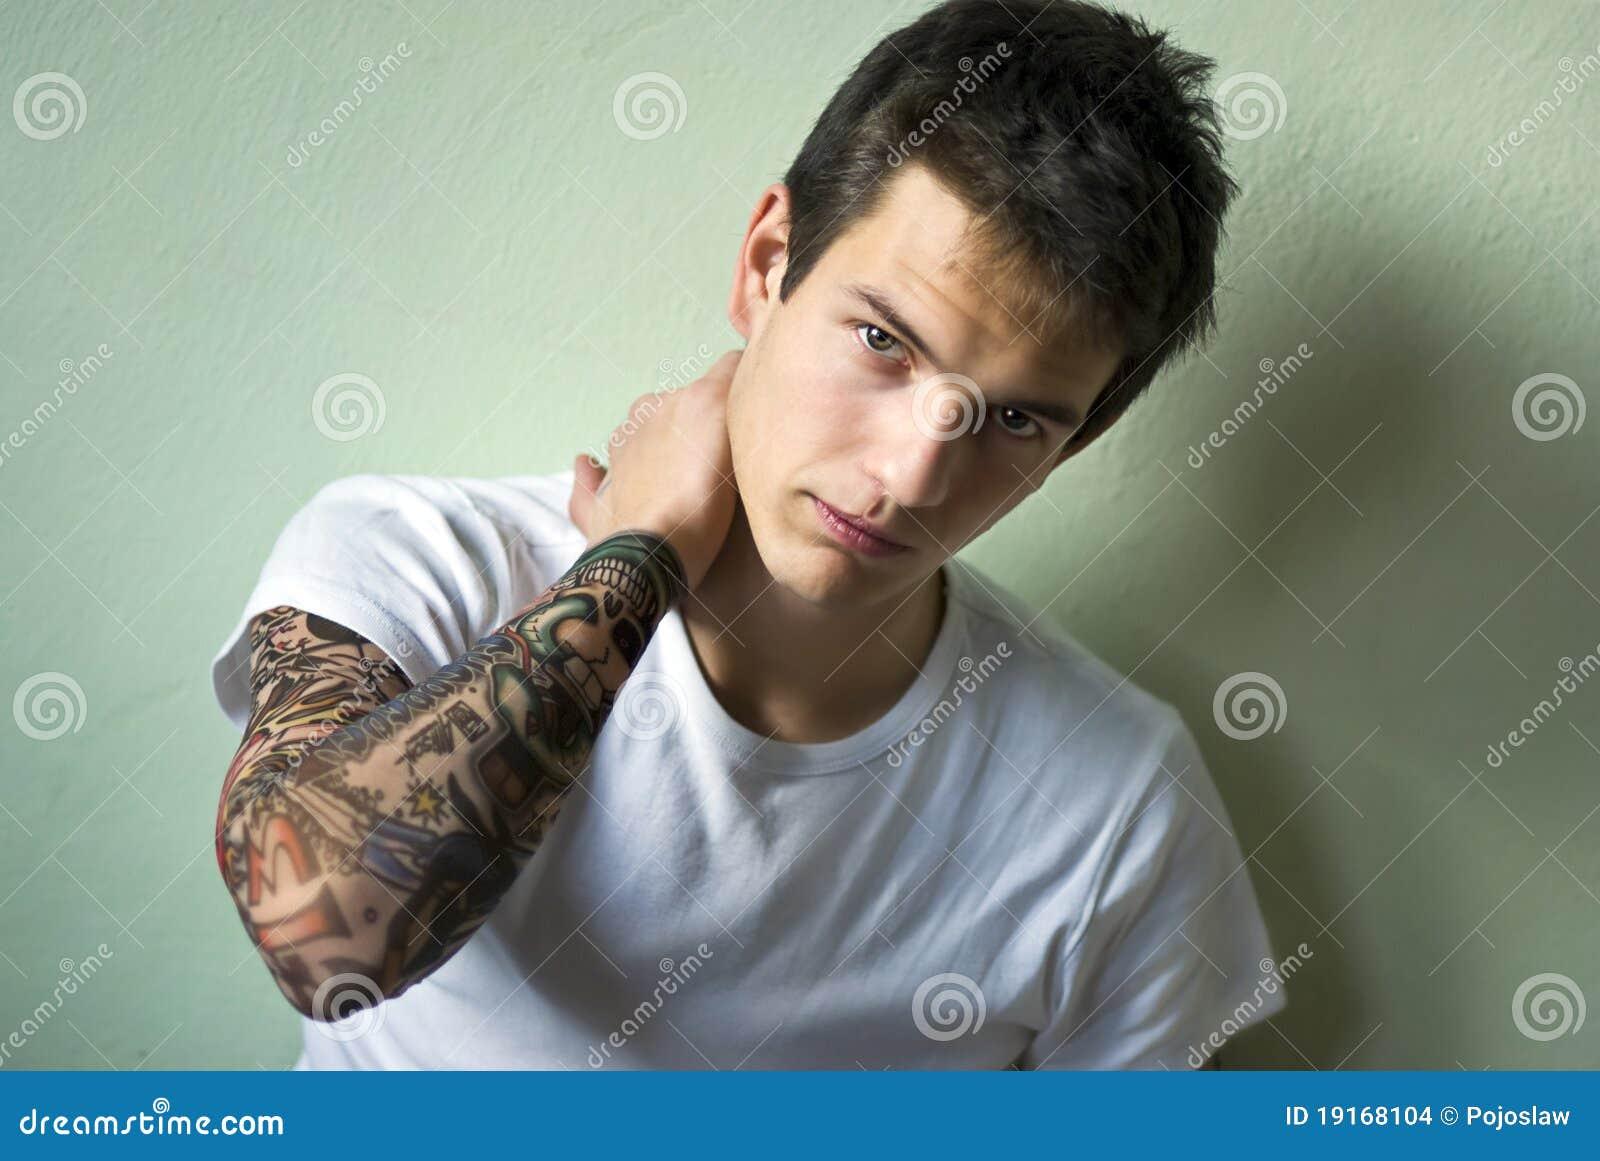 example de tatouage sur le coup pour mec